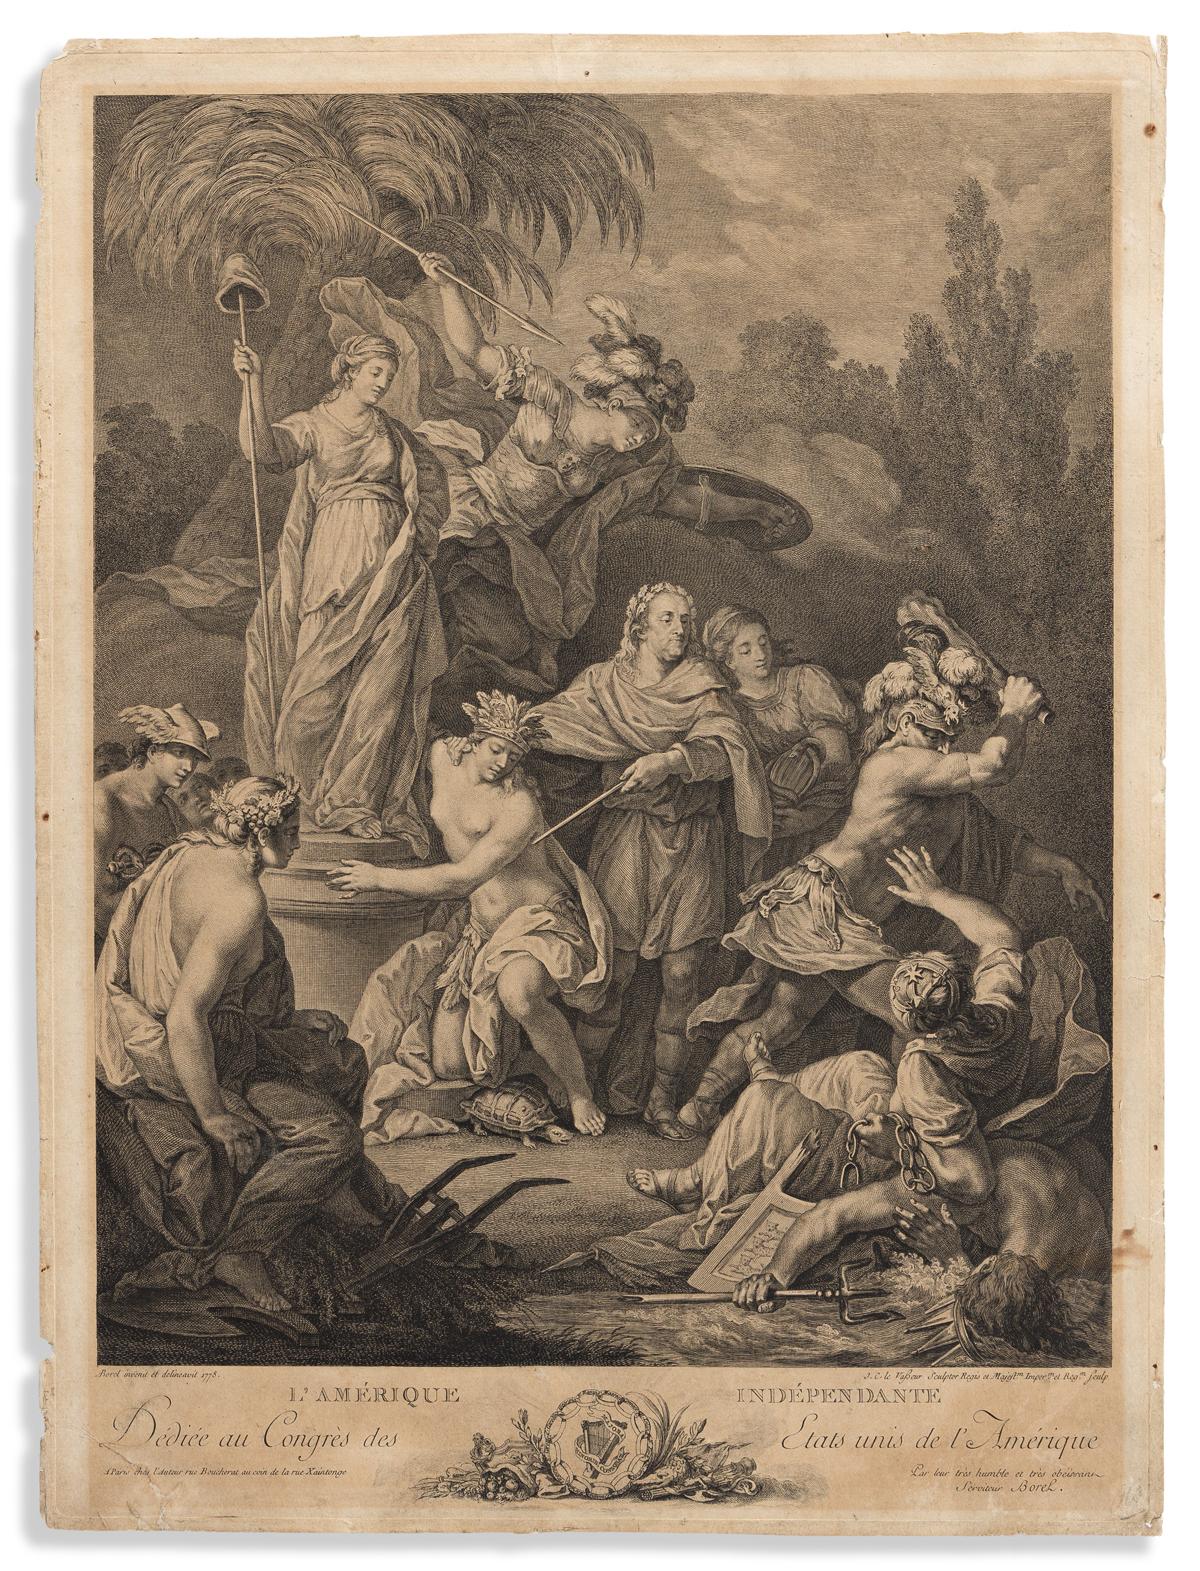 (AMERICAN REVOLUTION--1778.) Vasseur, engraver; after Borel. L'Amérique Indépendante, Dédiée au Congrés des Etats Unis de lAmérique.